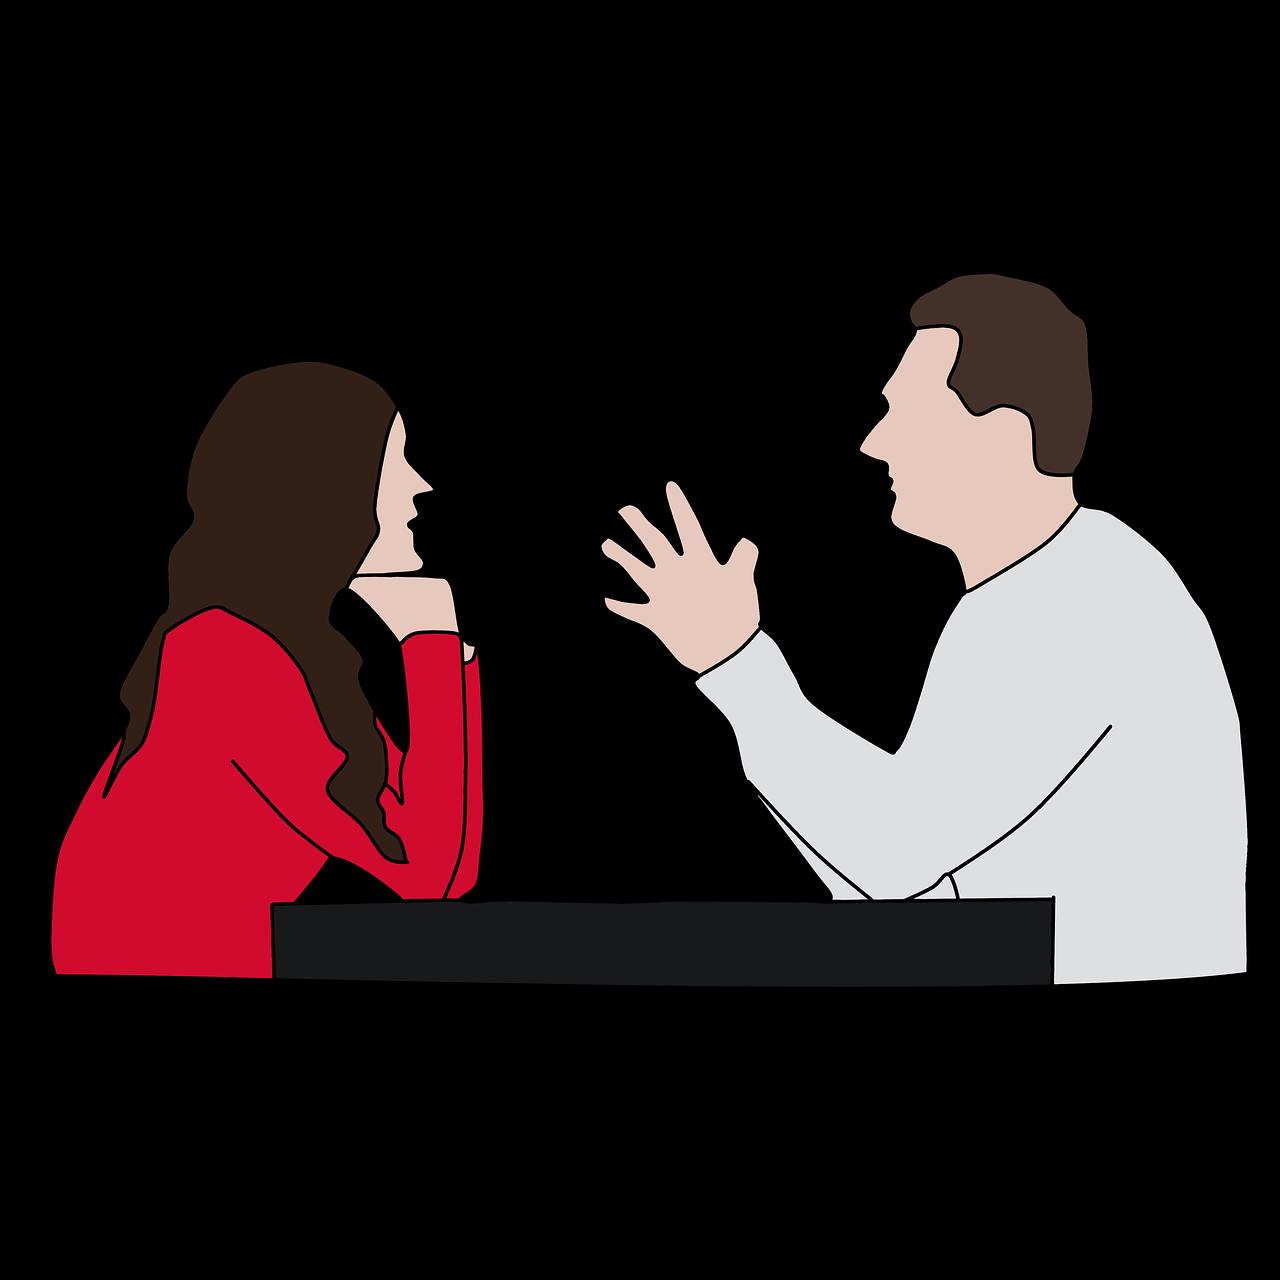 家計管理の厳格化に向けて夫婦で協議